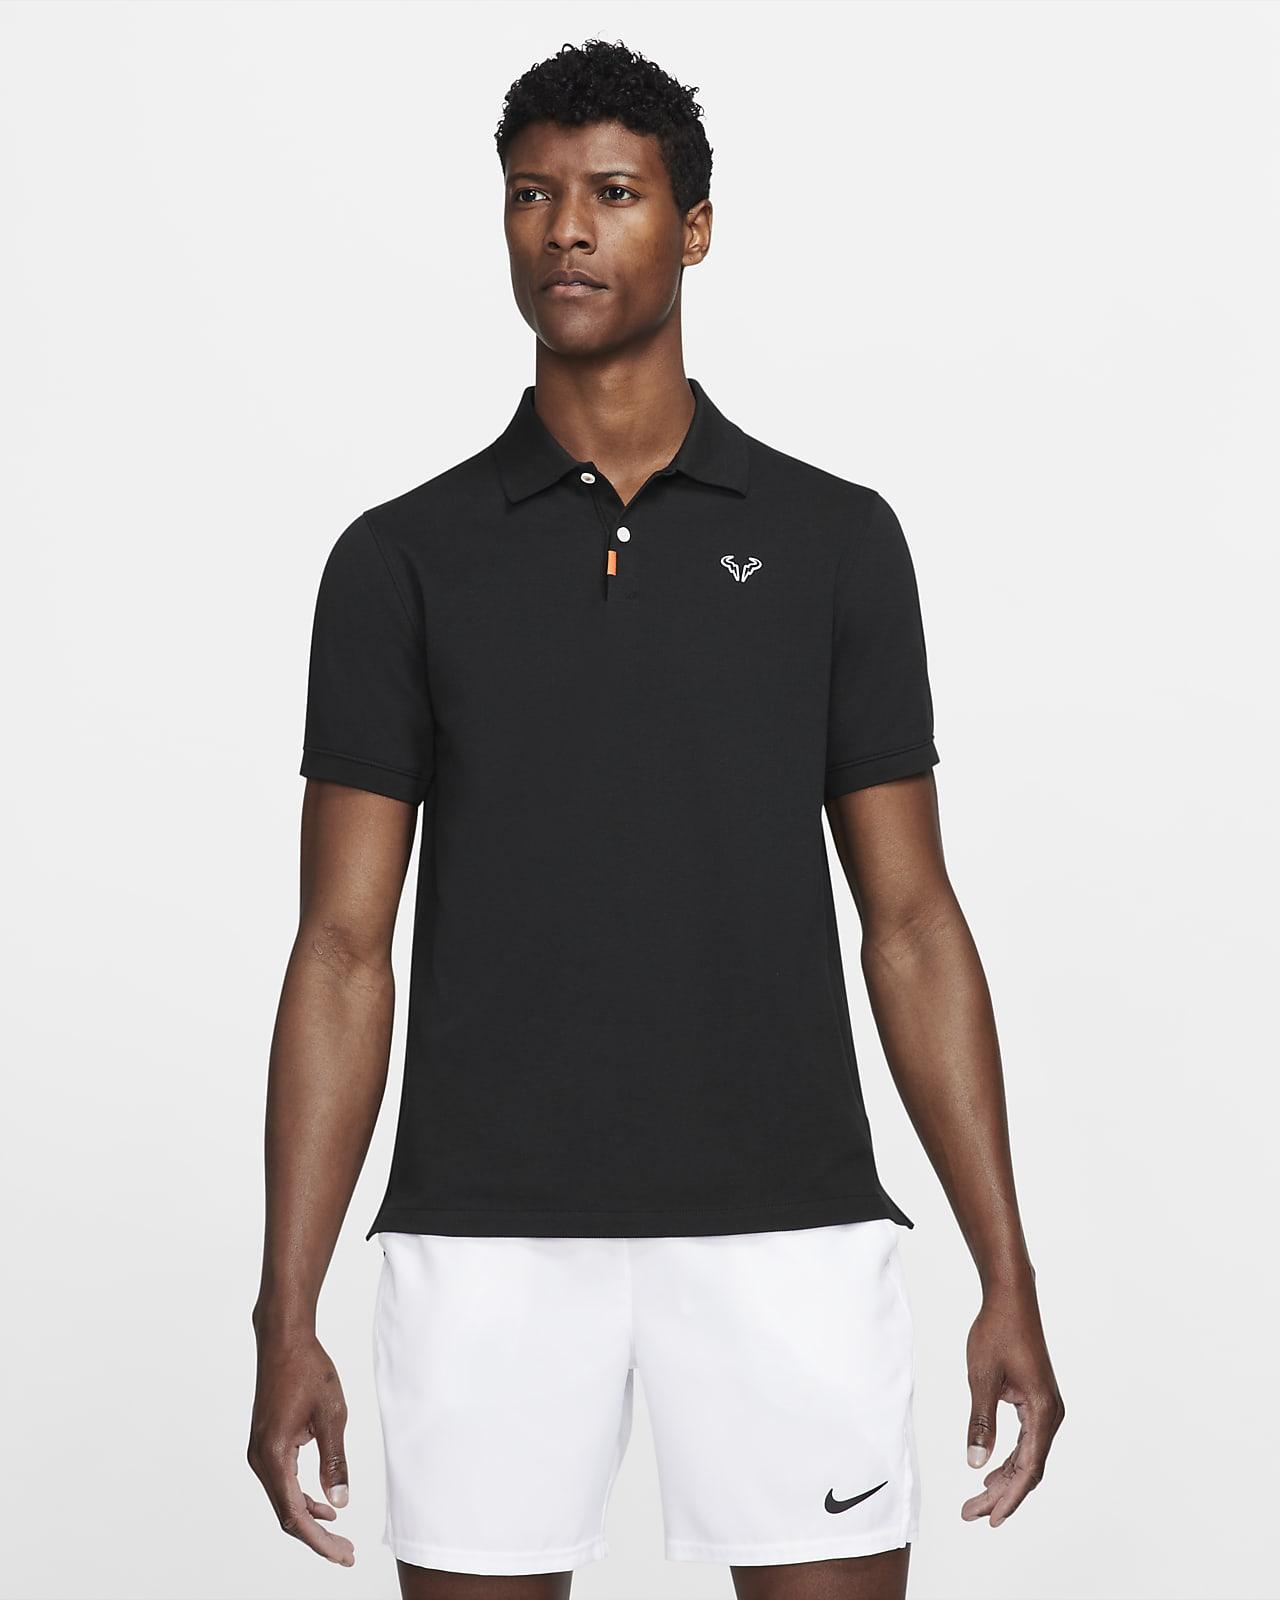 The Nike Polo Rafa Men's Slim Fit Polo